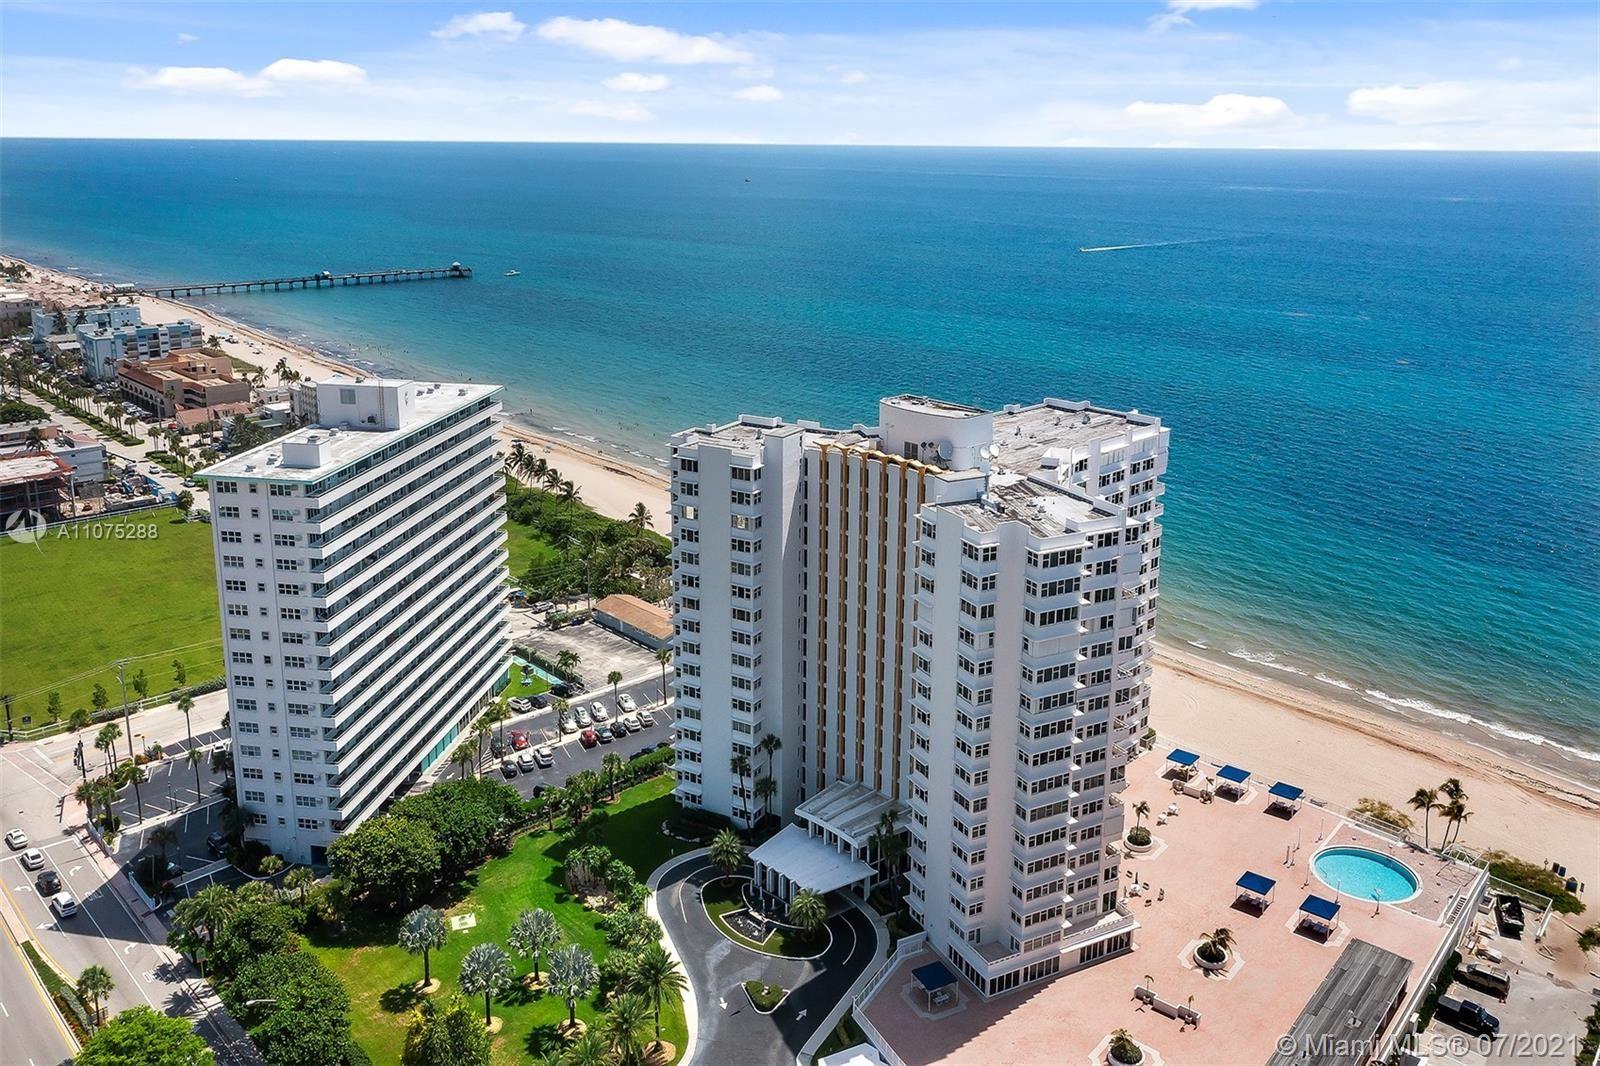 Photo of 3900 N Ocean Dr #10C, Lauderdale By The Sea, FL 33308 (MLS # A11075288)